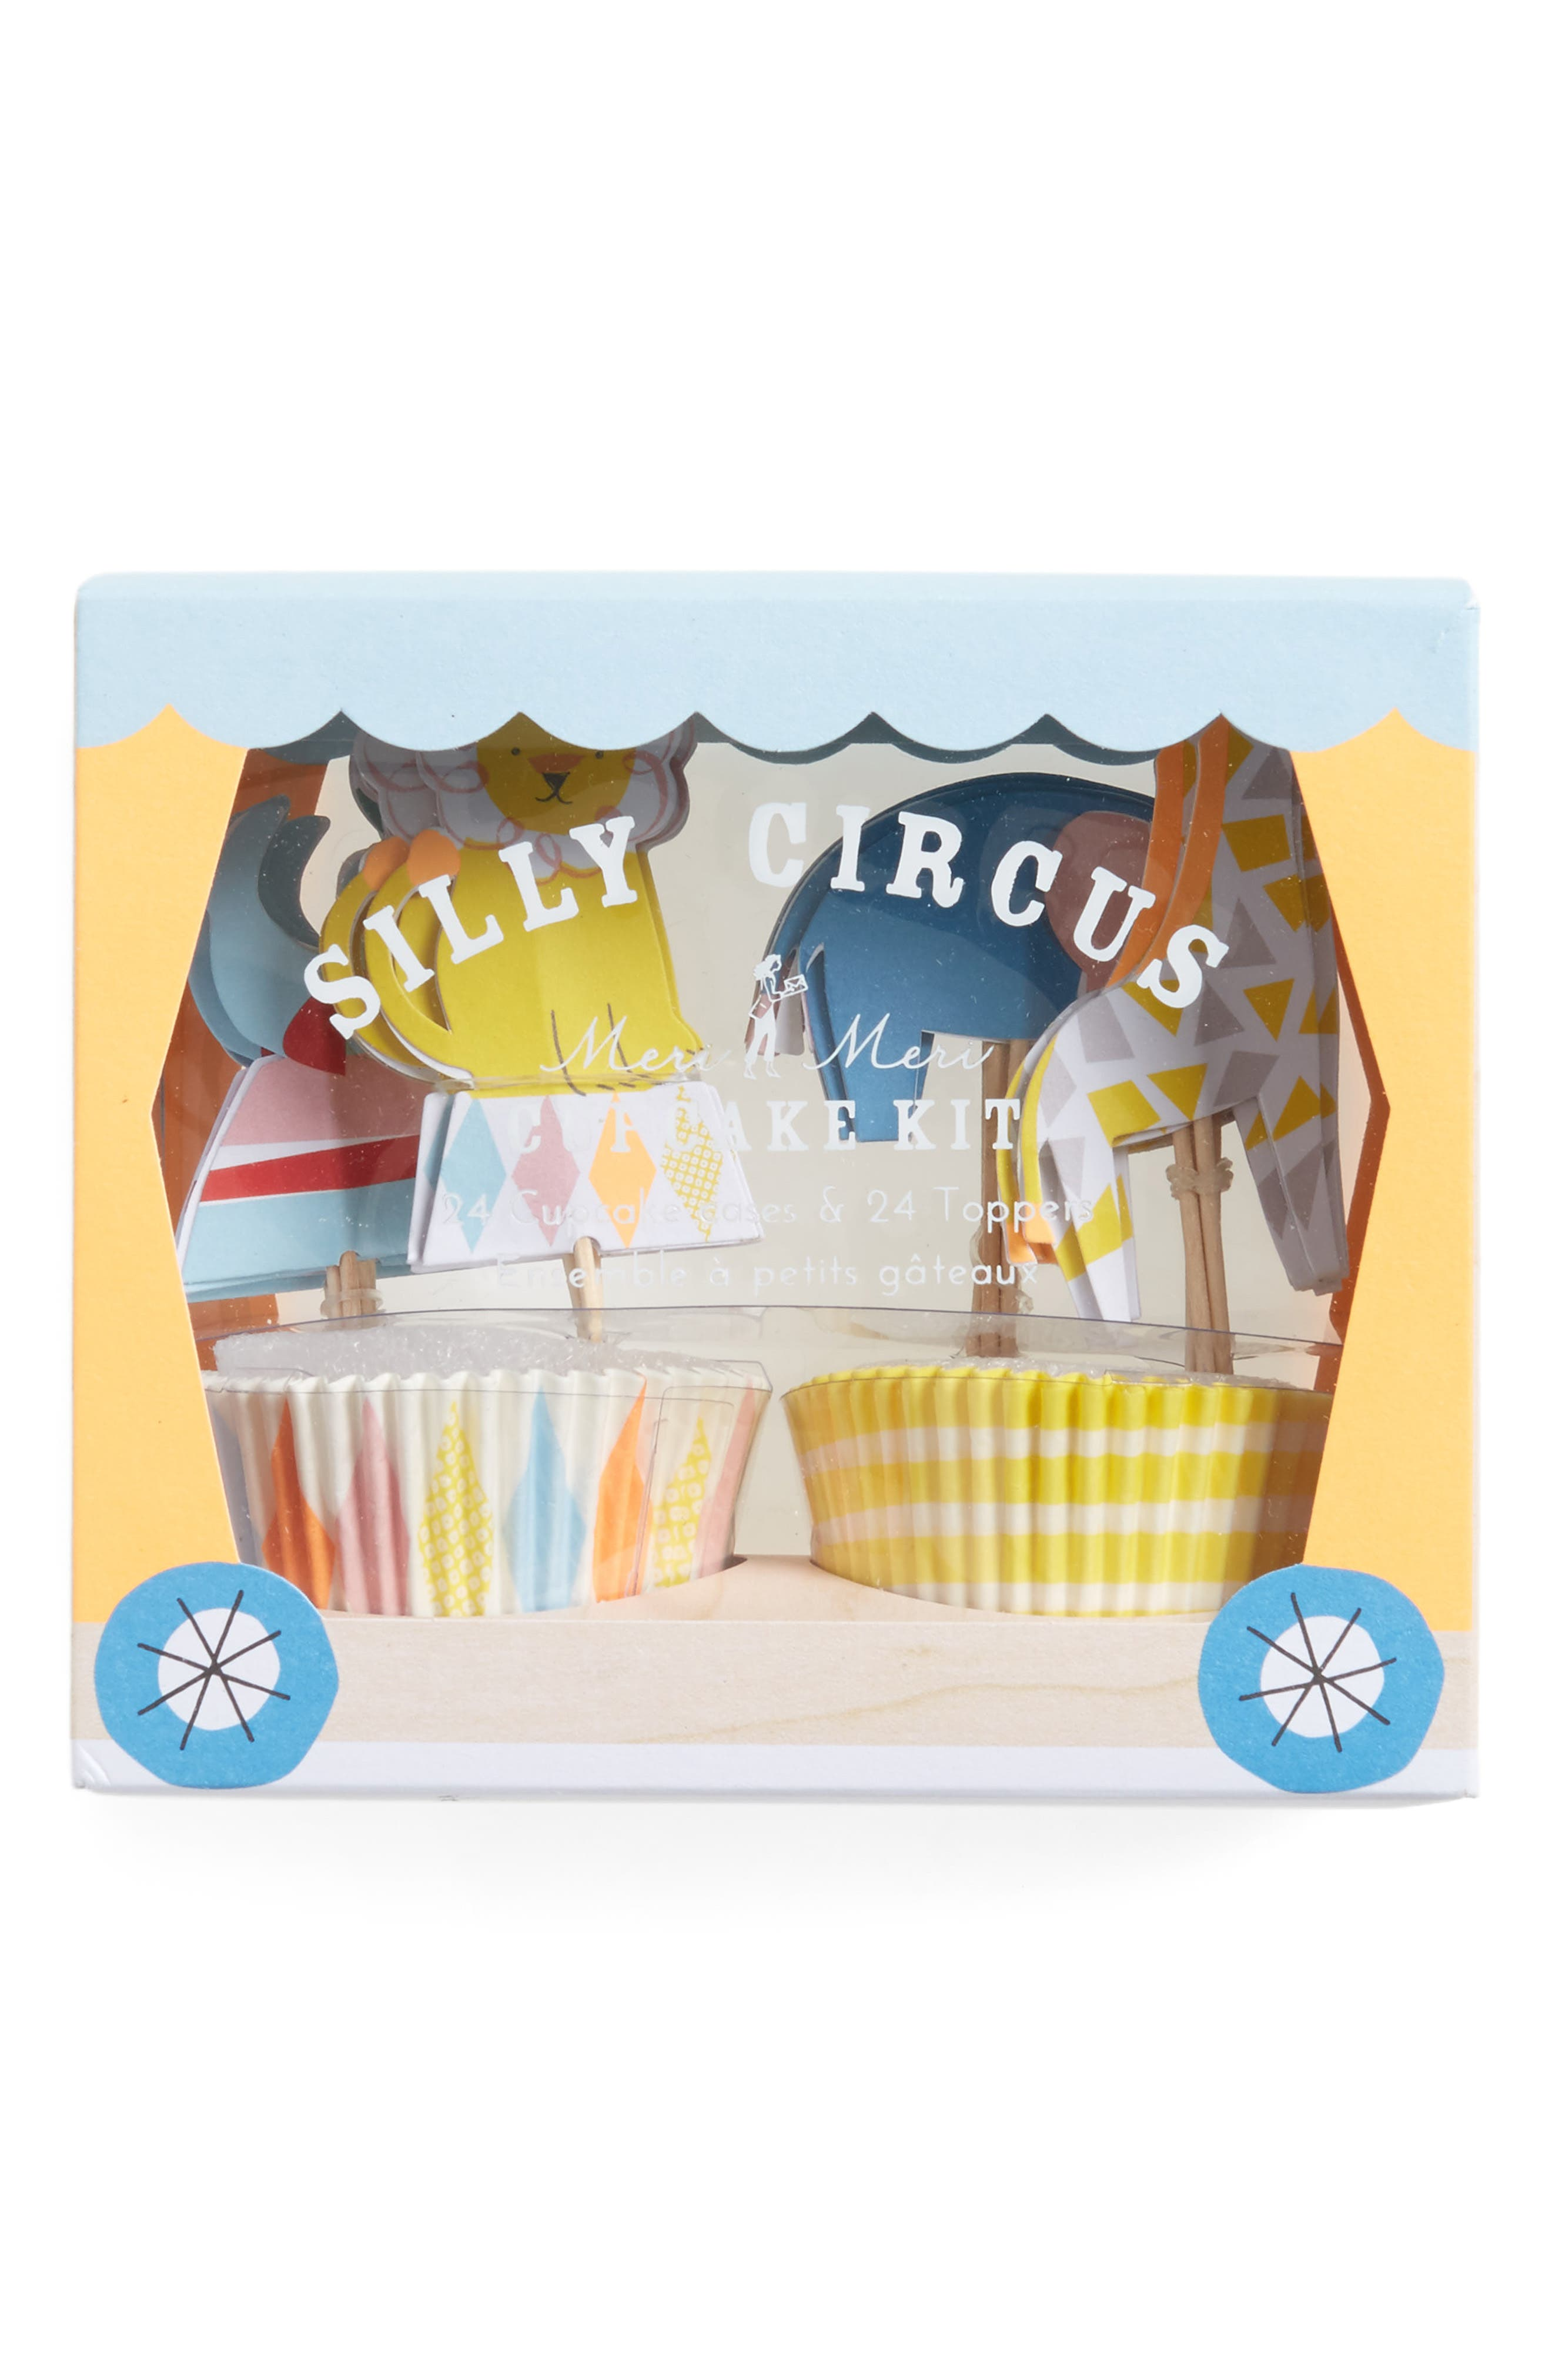 Silly Circus Cupcake Kit,                             Main thumbnail 1, color,                             400